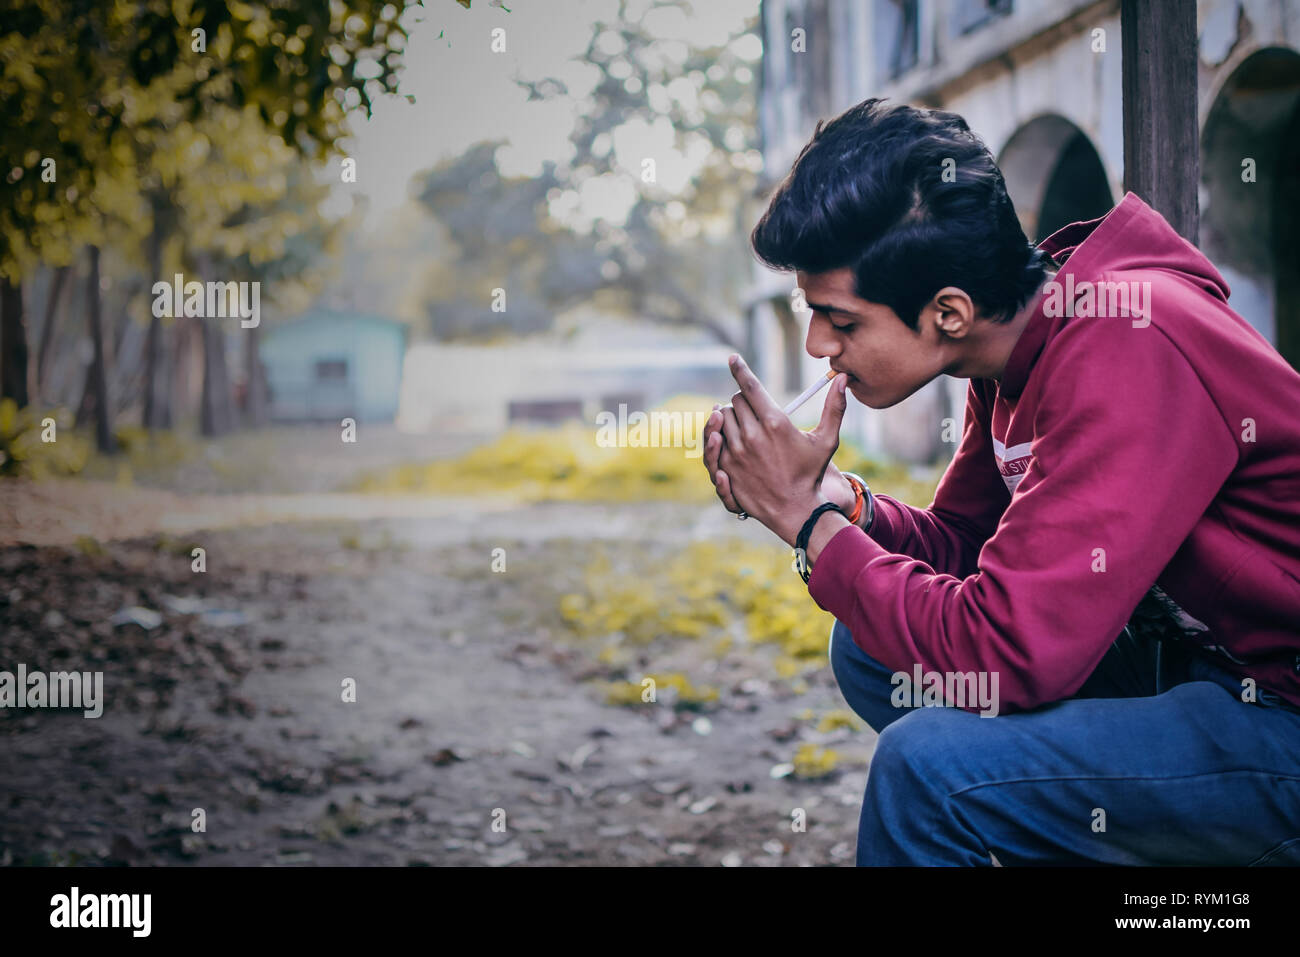 Los fumadores siempre quieren la paz Imagen De Stock